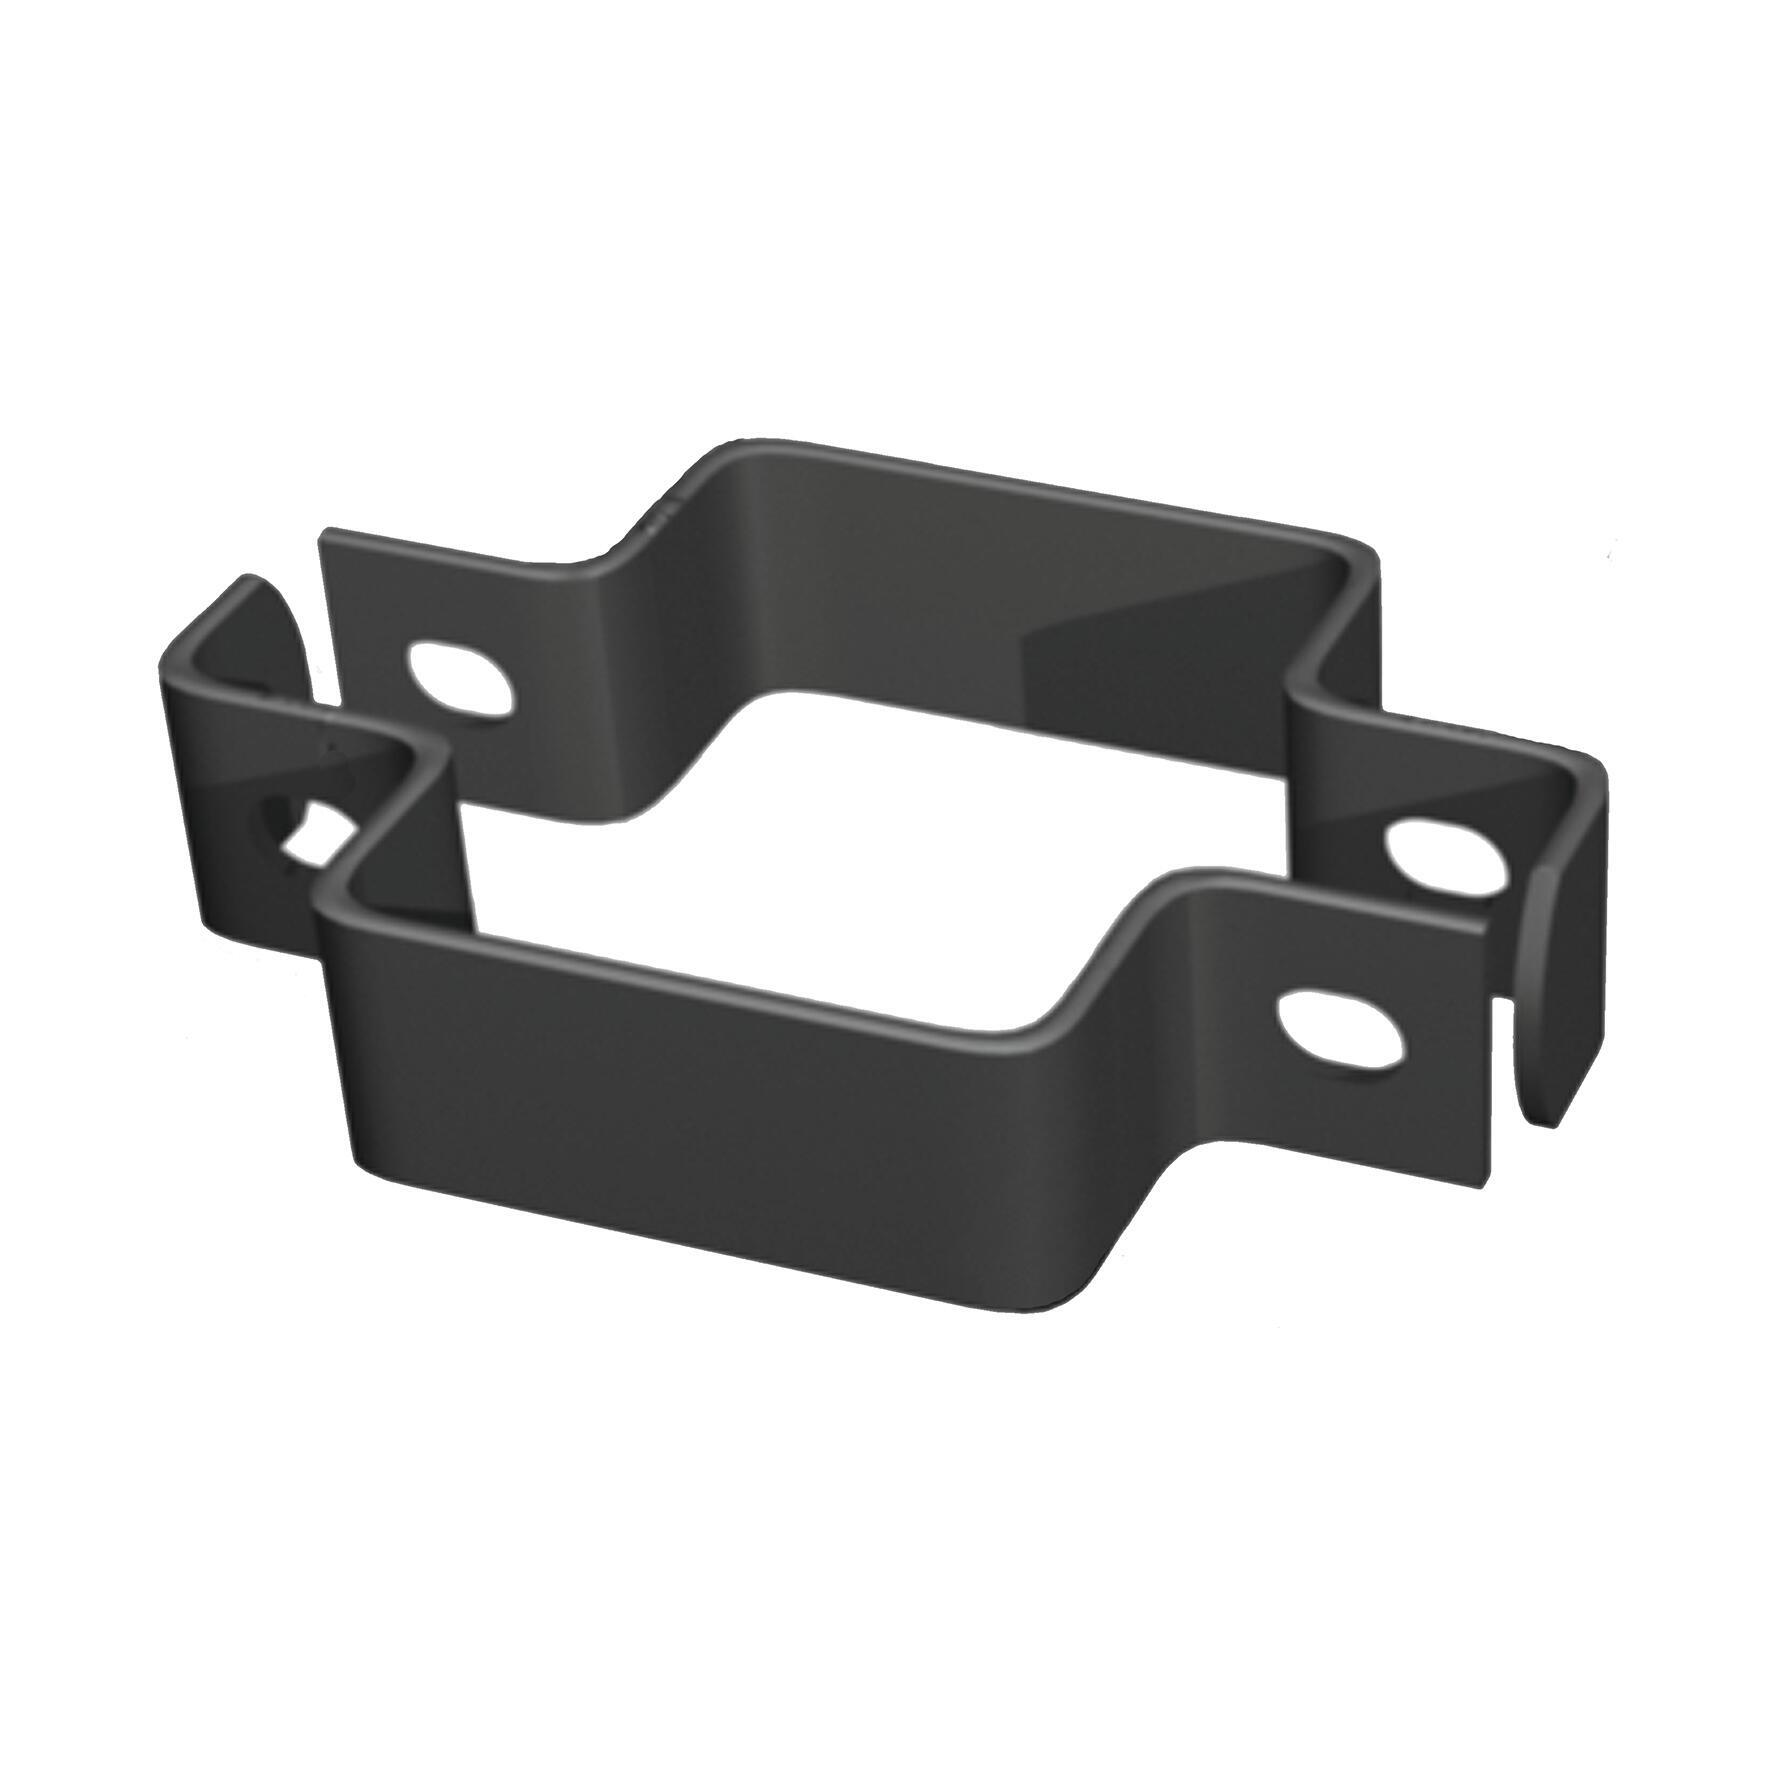 Collare di fissaggio in acciaio galvanizzato plastificato Doppio quadrato H 3.5 cm L 11 x 11 cm